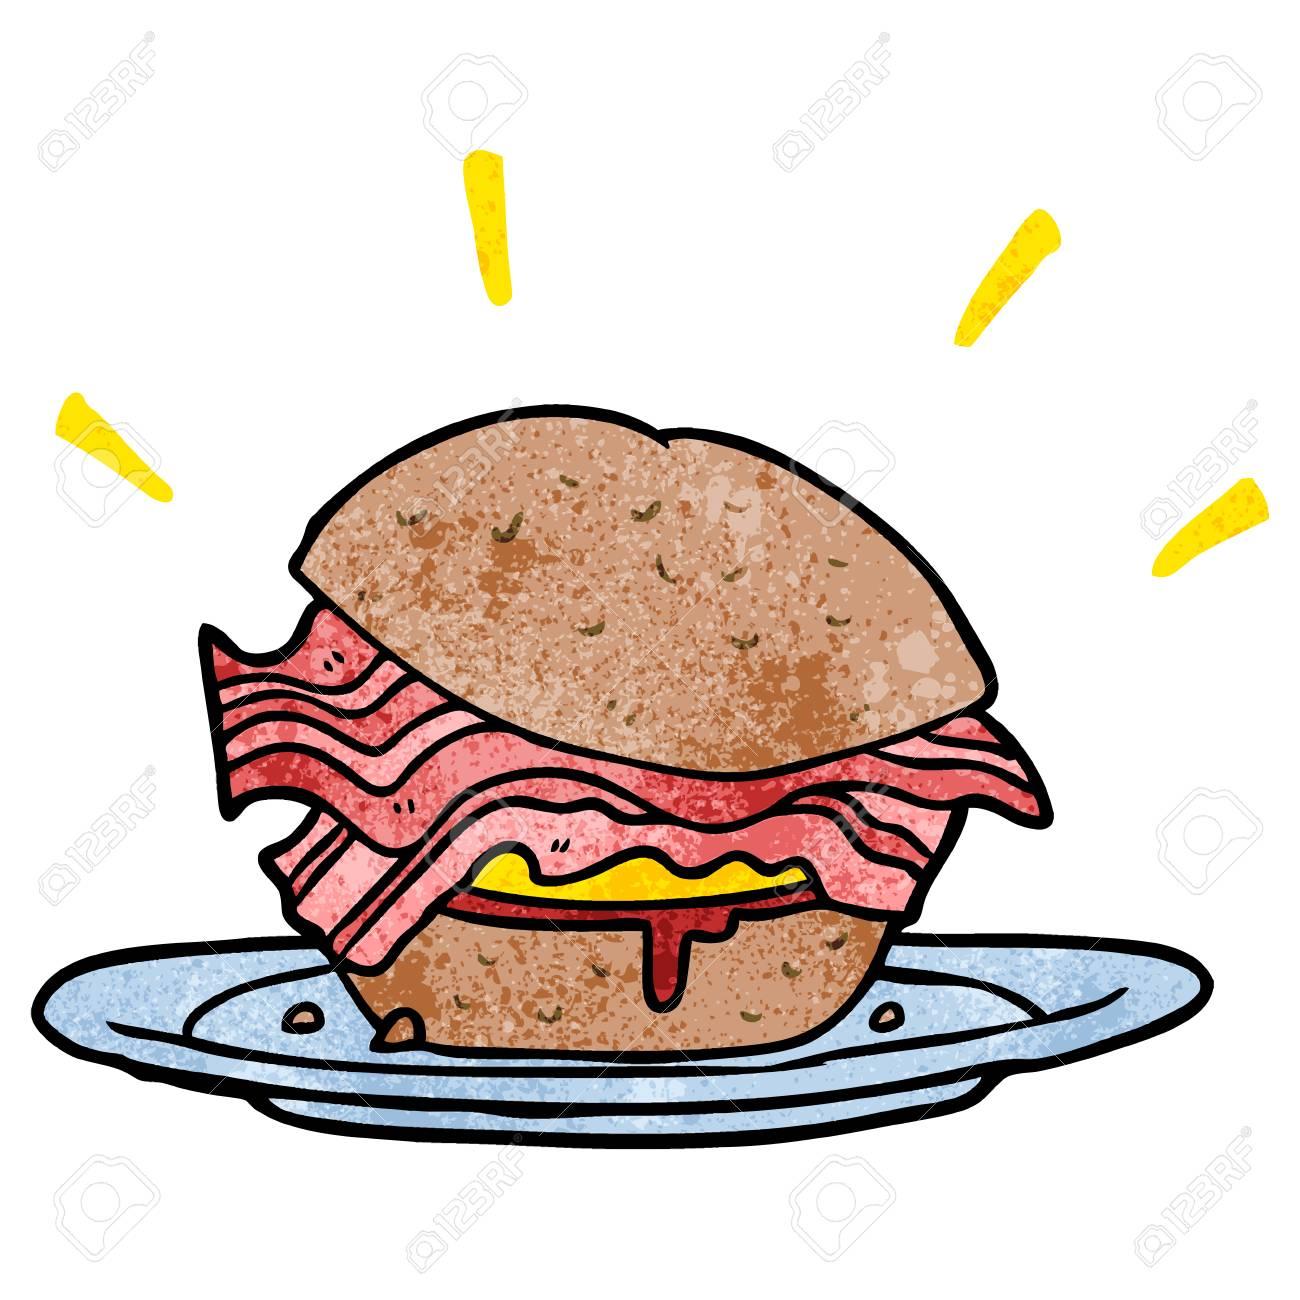 Clipart Bacon Sandwich & Free Clip Art Images #16330.